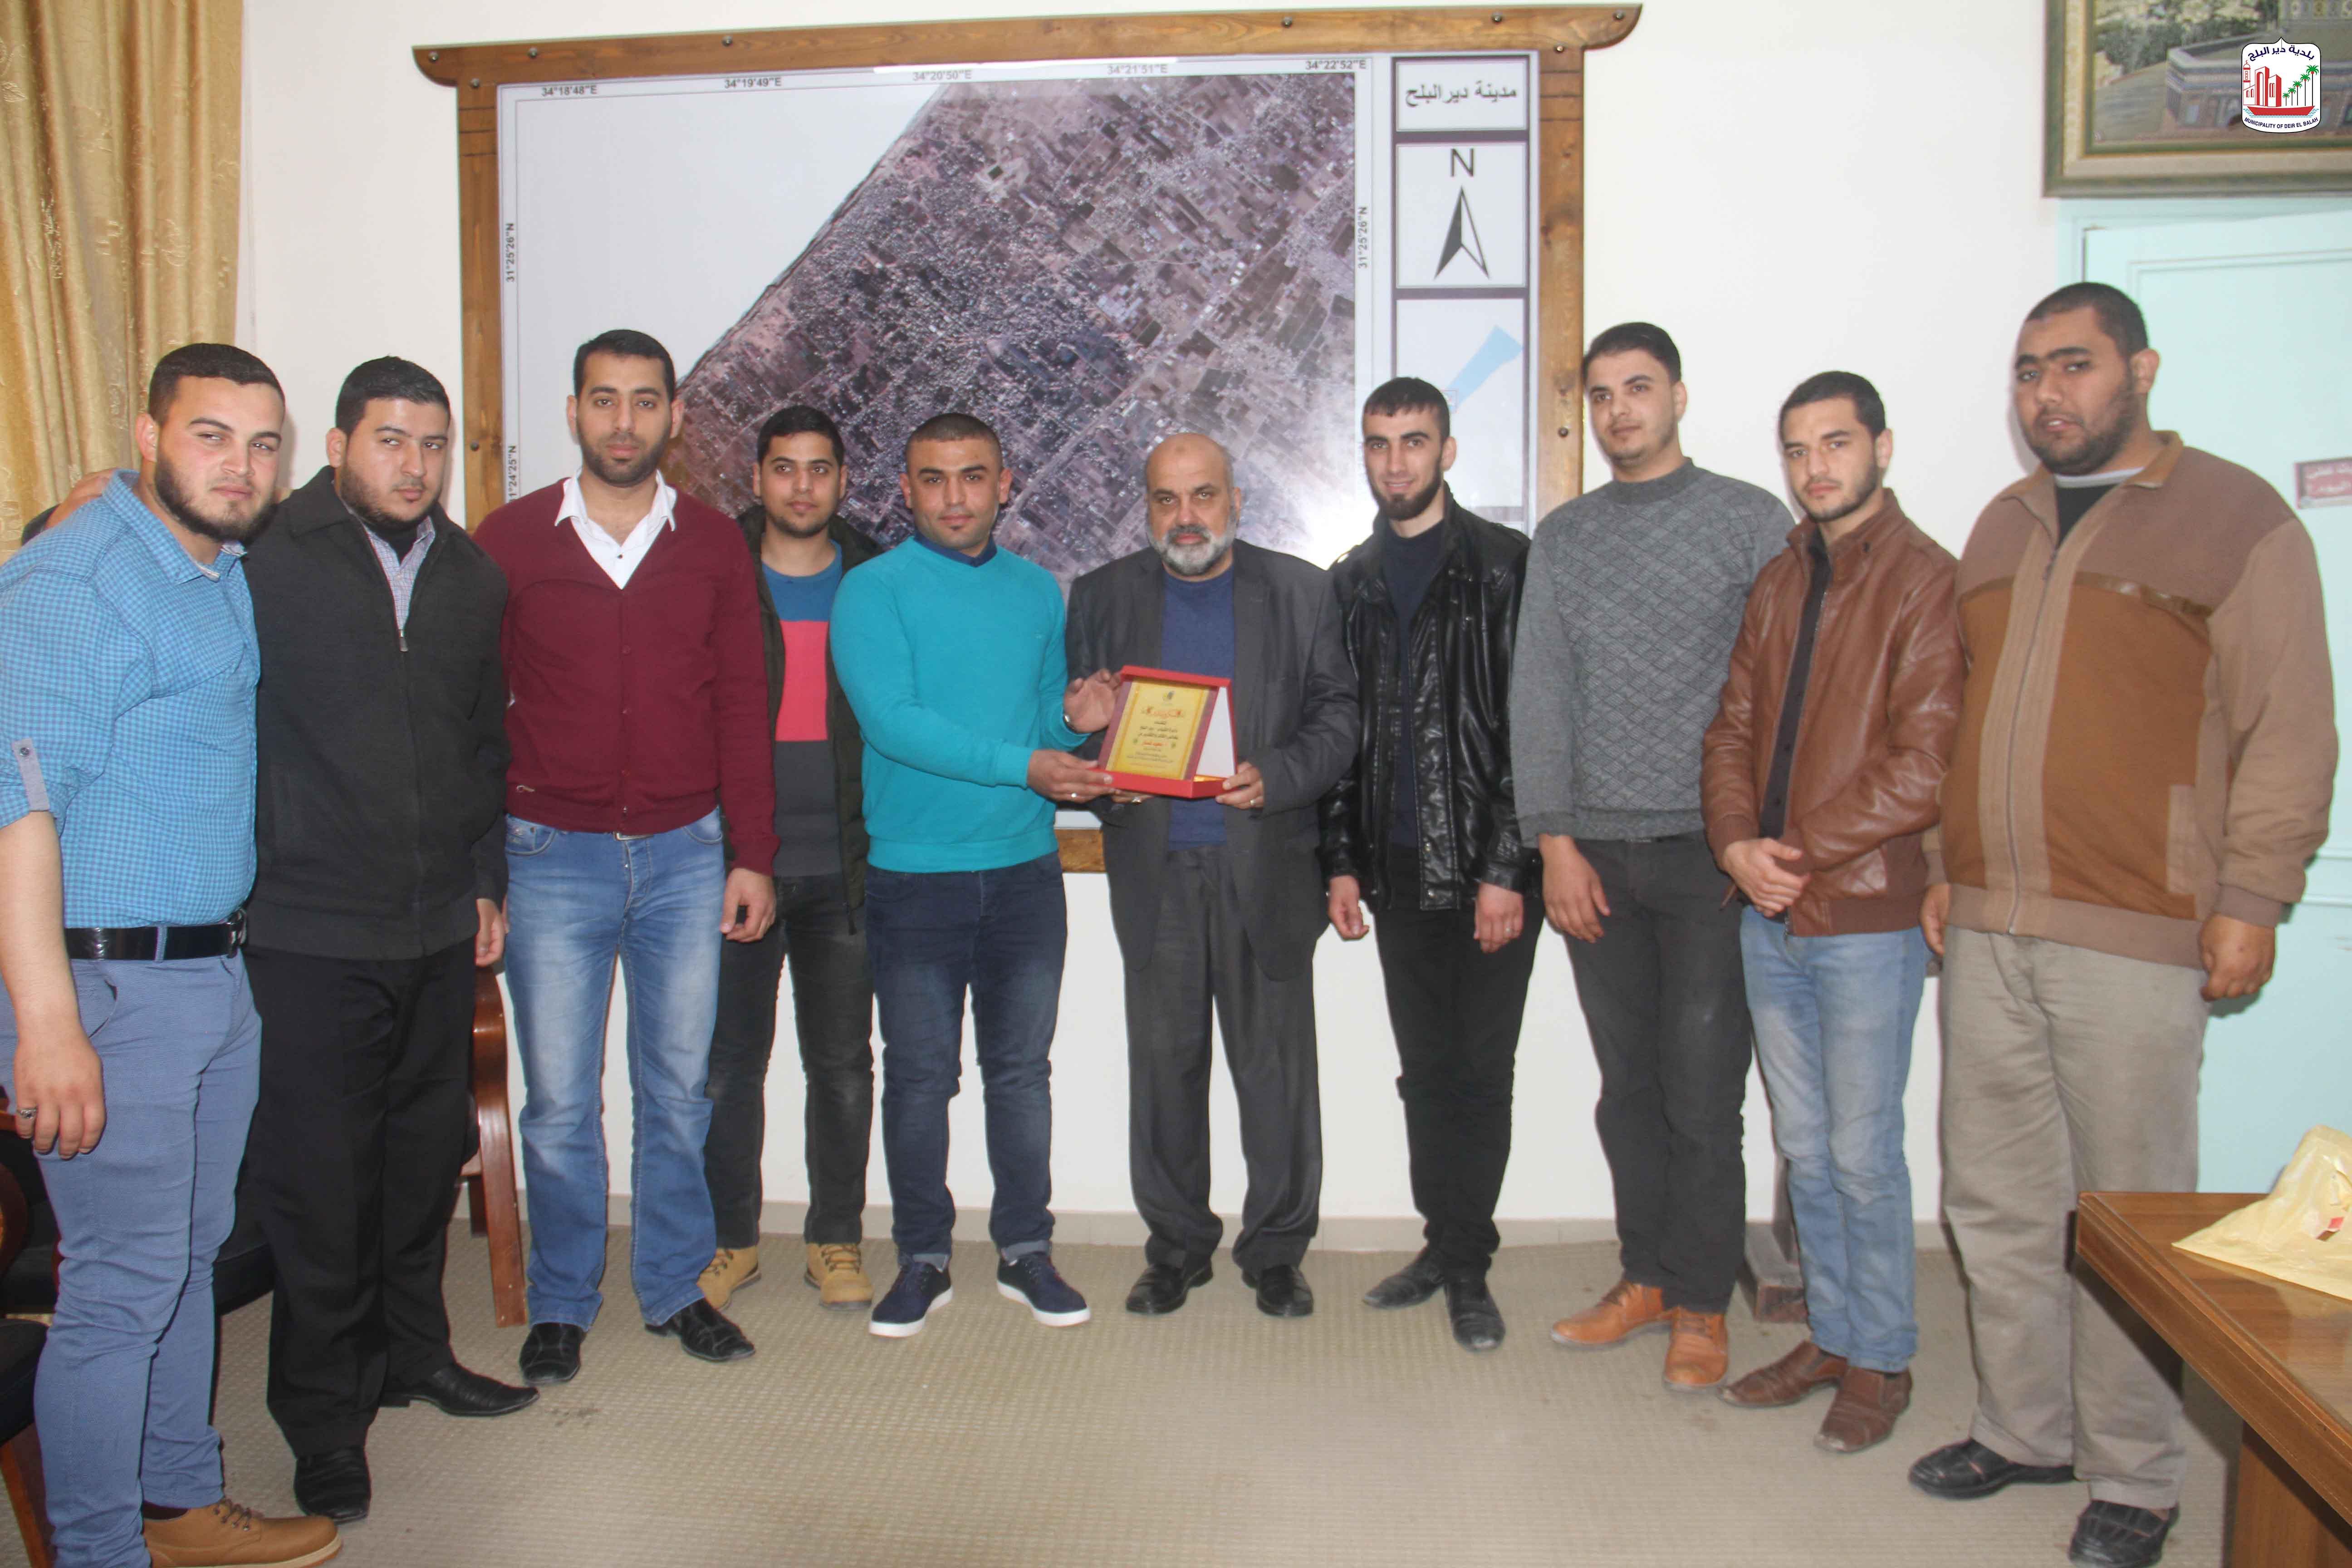 دائرة الشباب- دير البلح تزويد البلدية وتقدم الشكر لرئيس البلدية على جهوده في خدمة الشباب